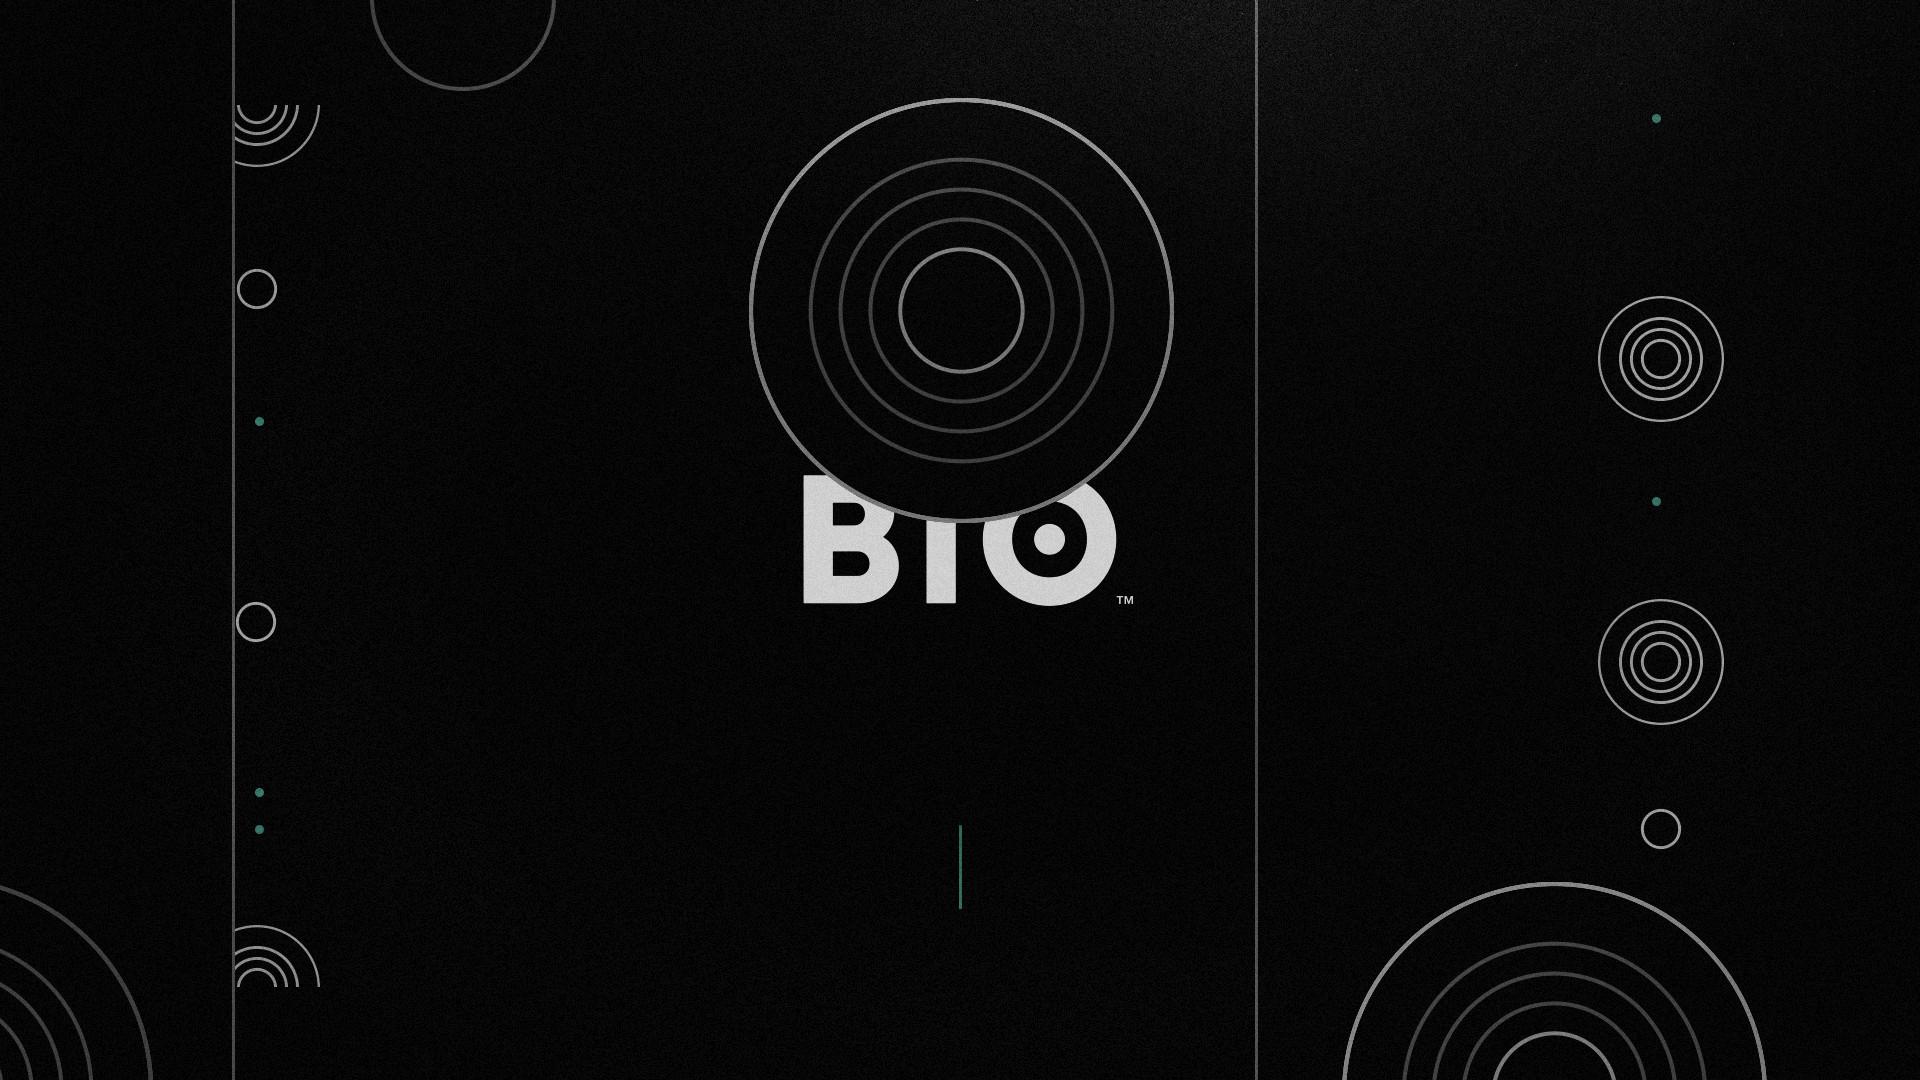 A+E_Upfront_Bio_02_transition.jpg